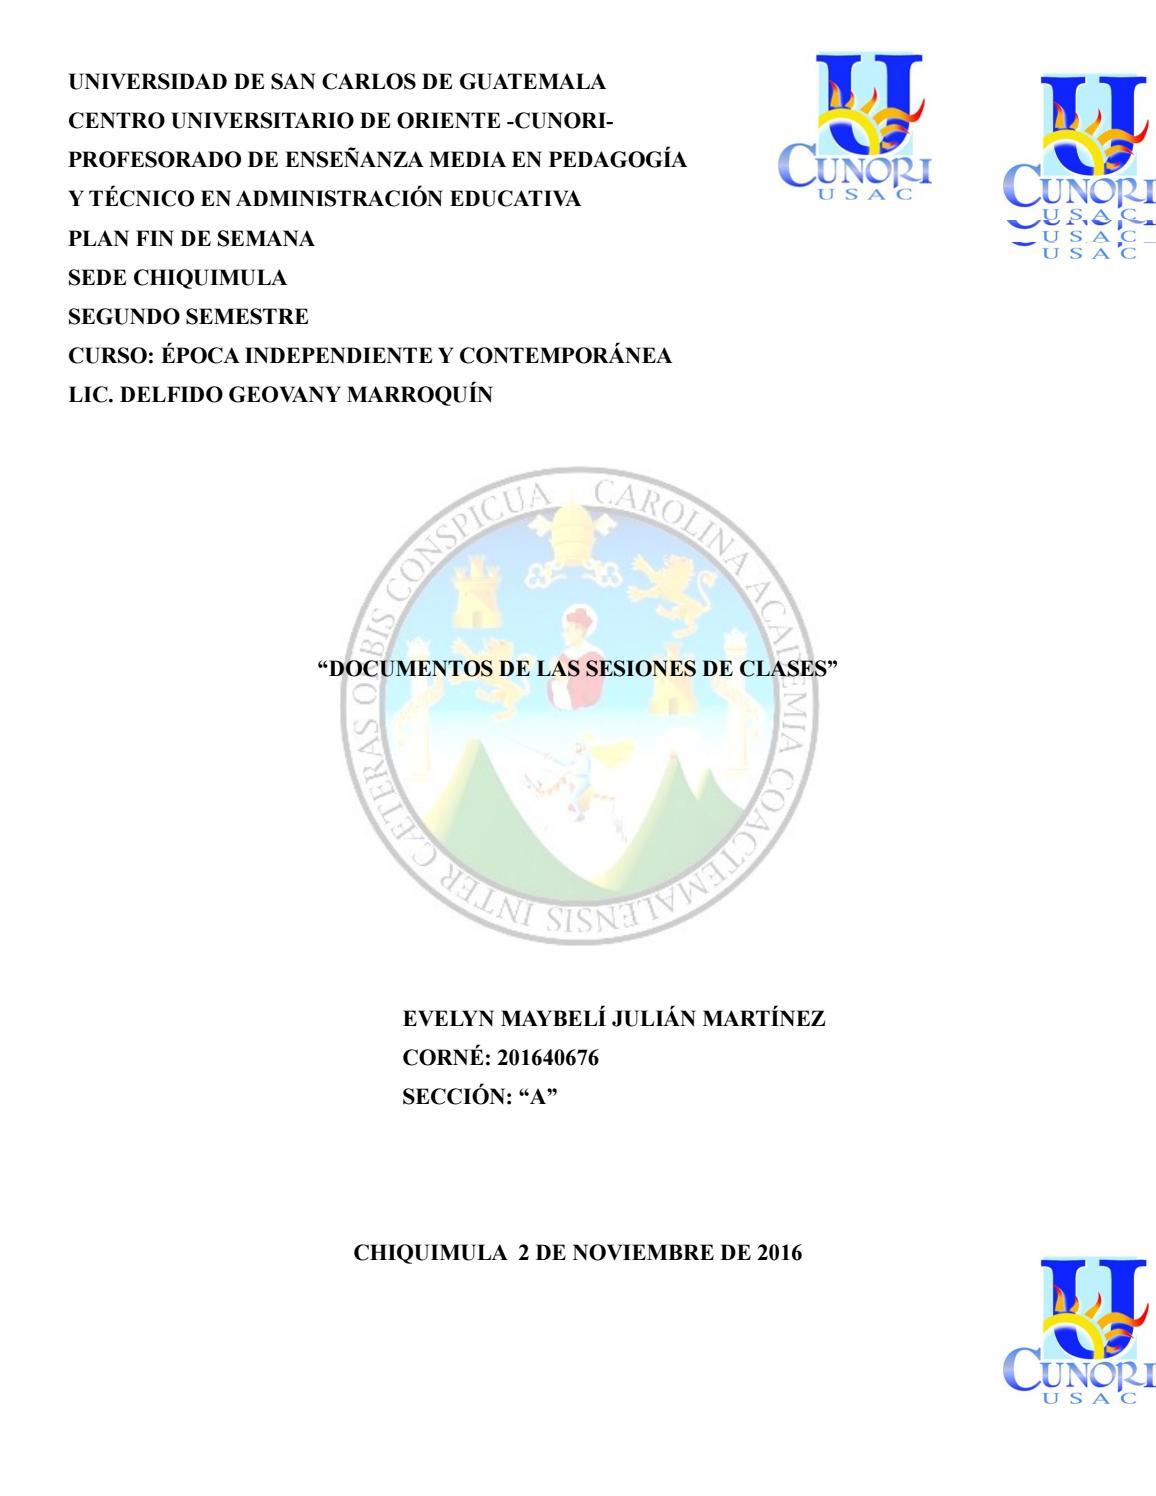 Documentos utilizados durante las sesiones de clases by MayEvy - issuu